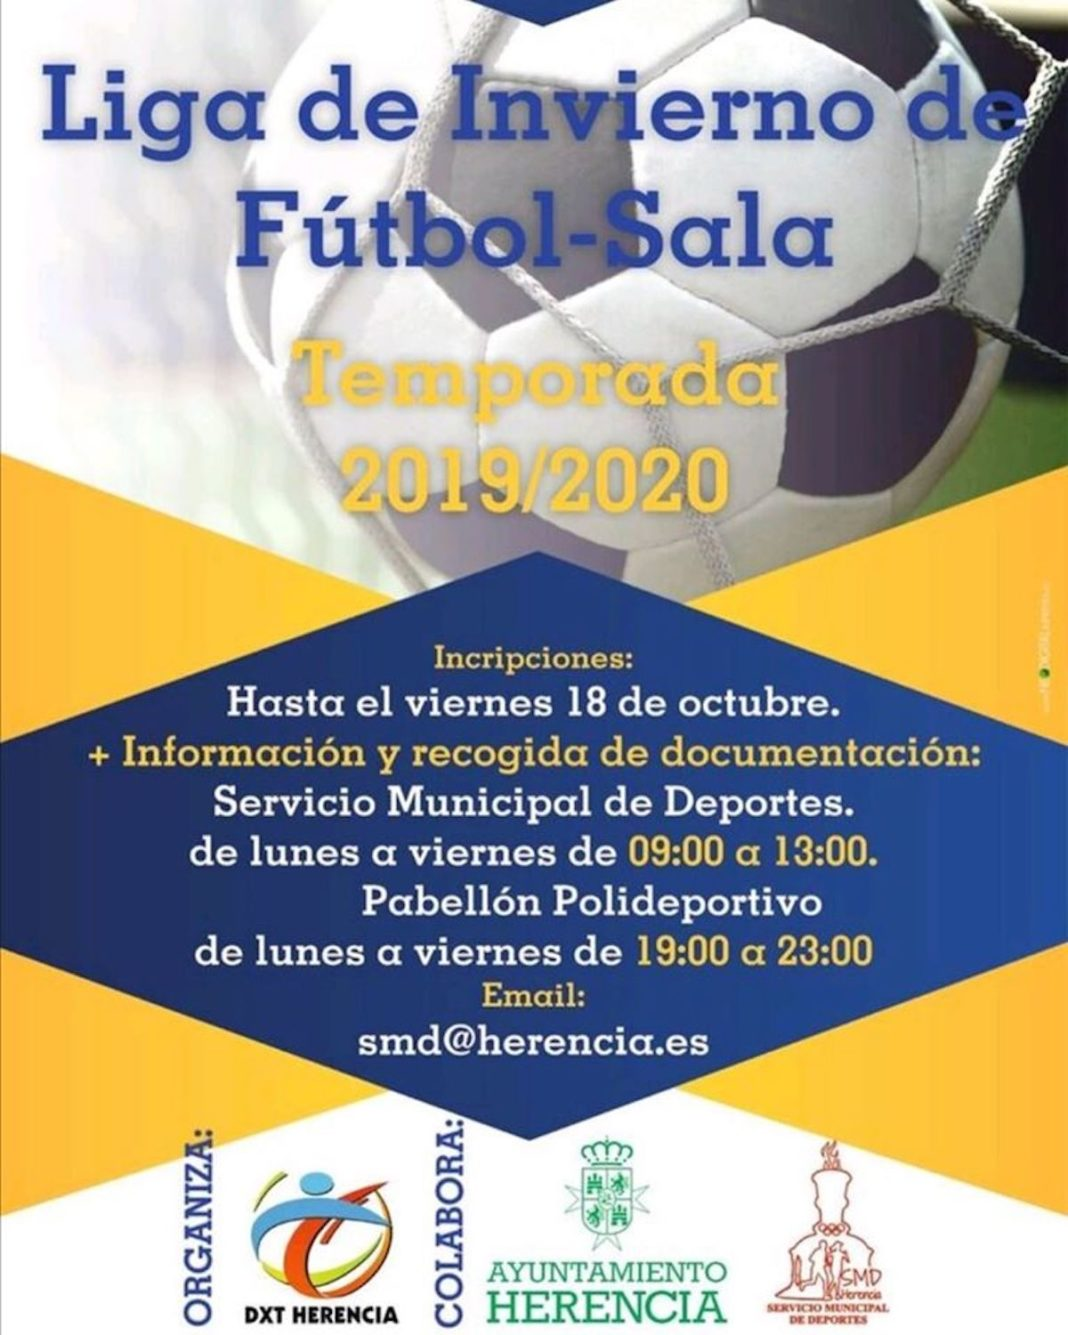 Liga de invierno de Fútbol-Sala para 2019/2020 4